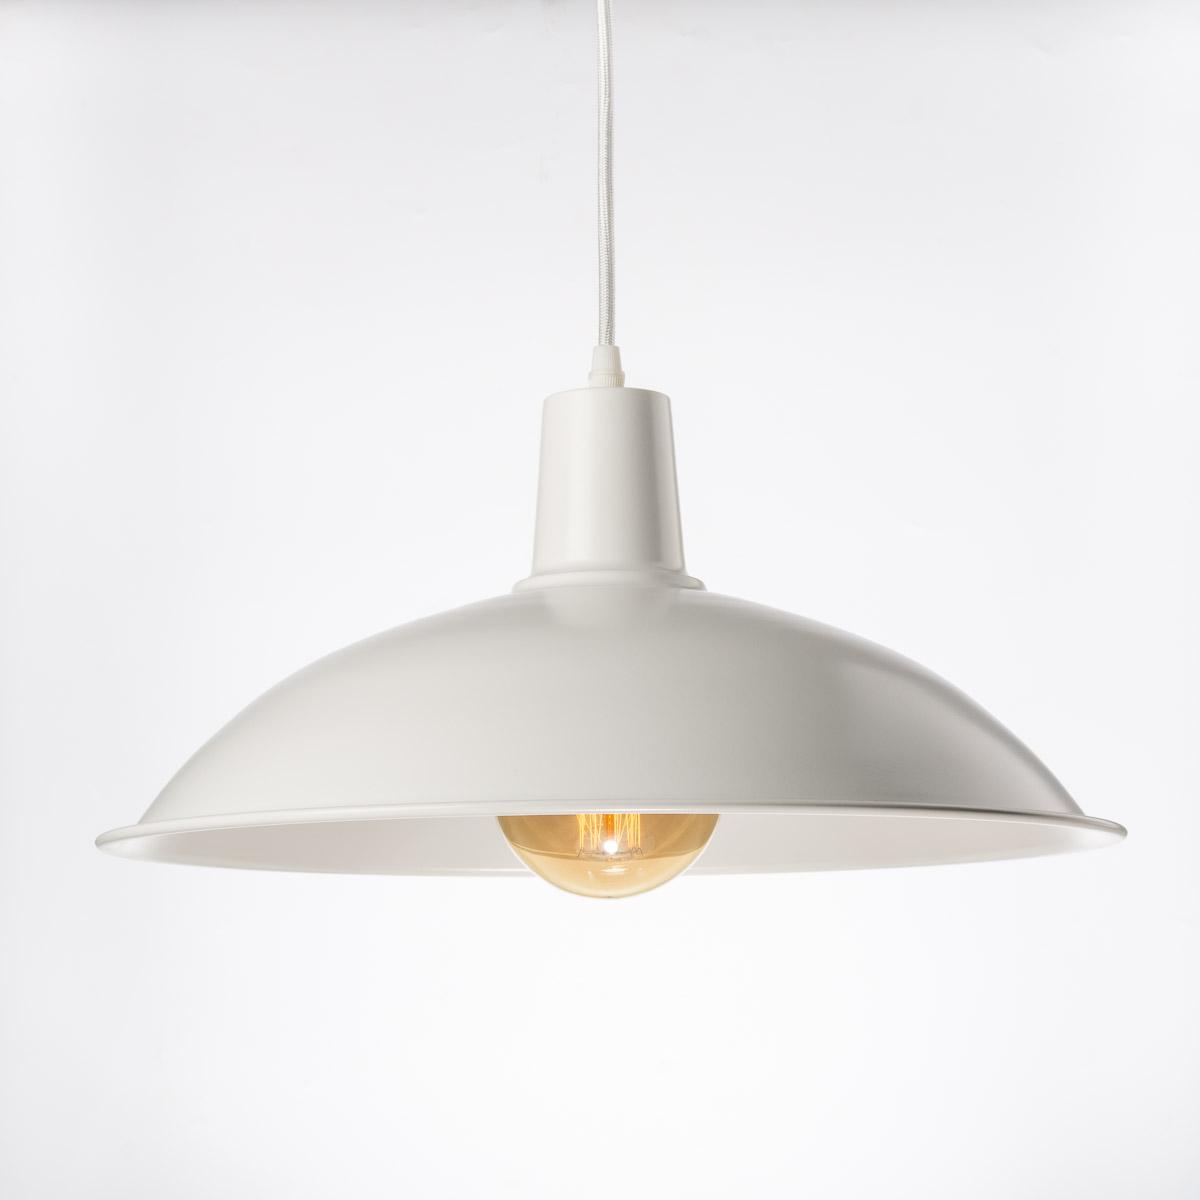 Потолочный светильник Leah белый